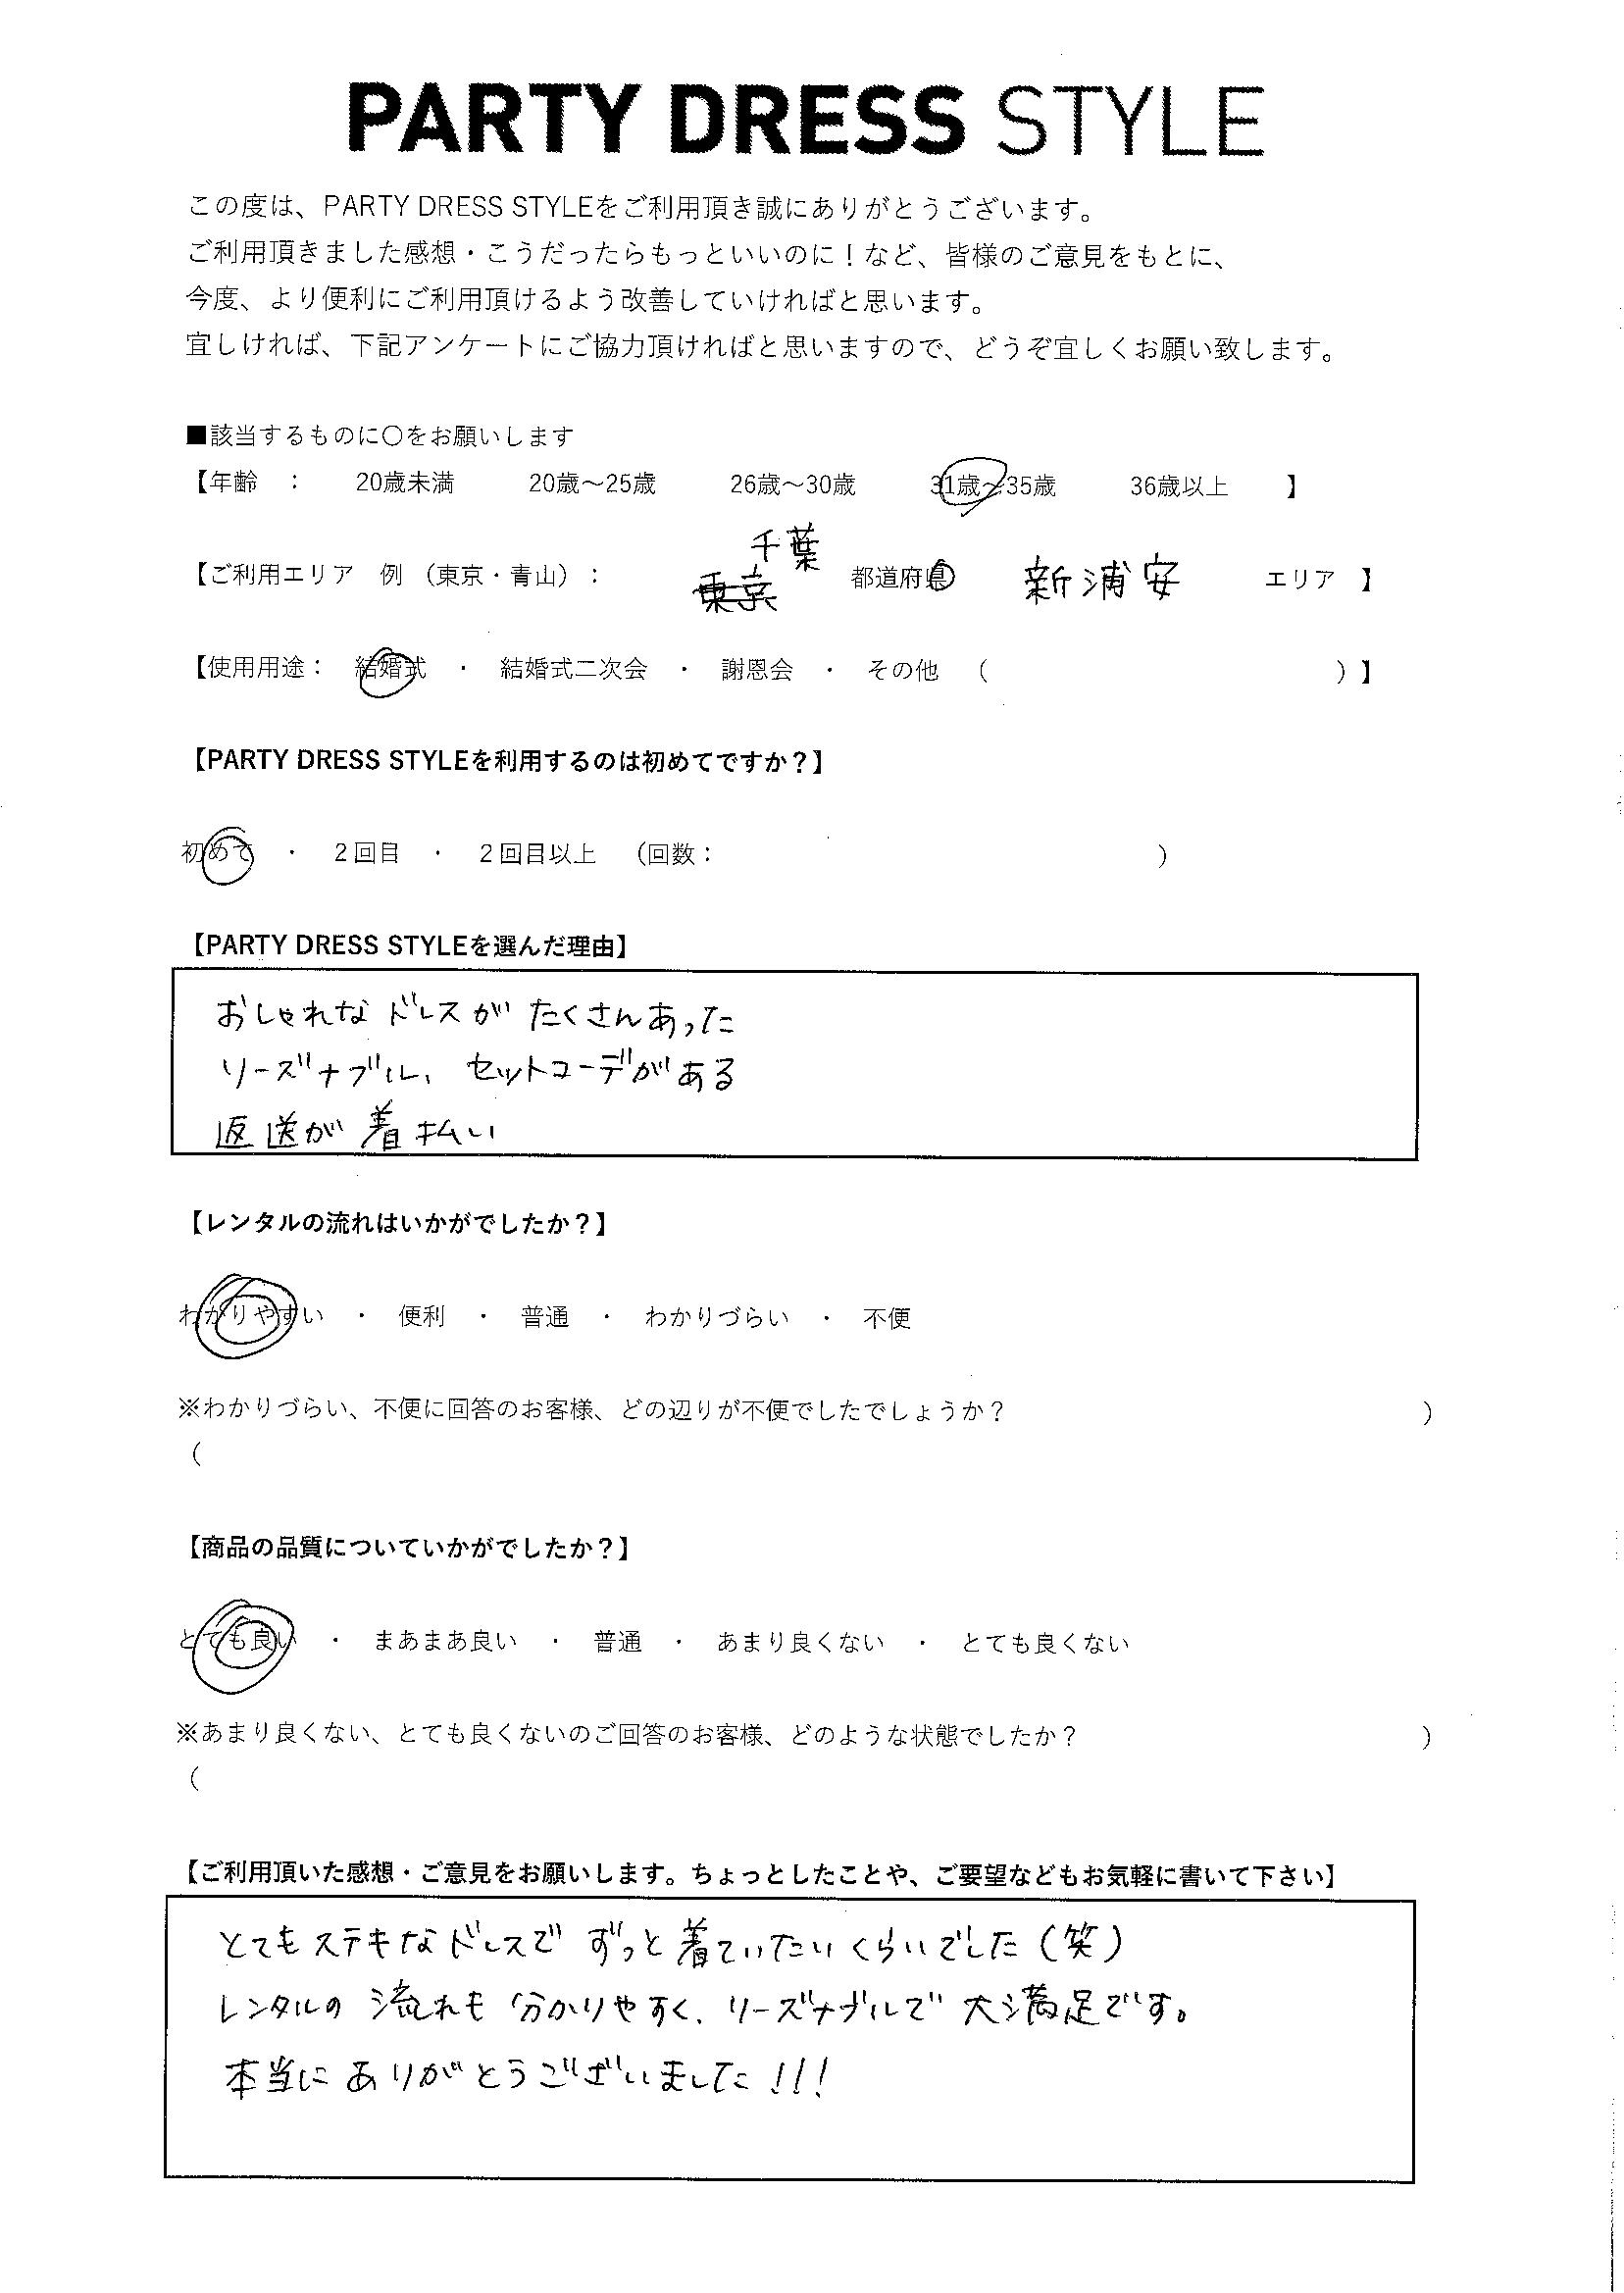 11/24結婚式ご利用 千葉・新浦安エリア